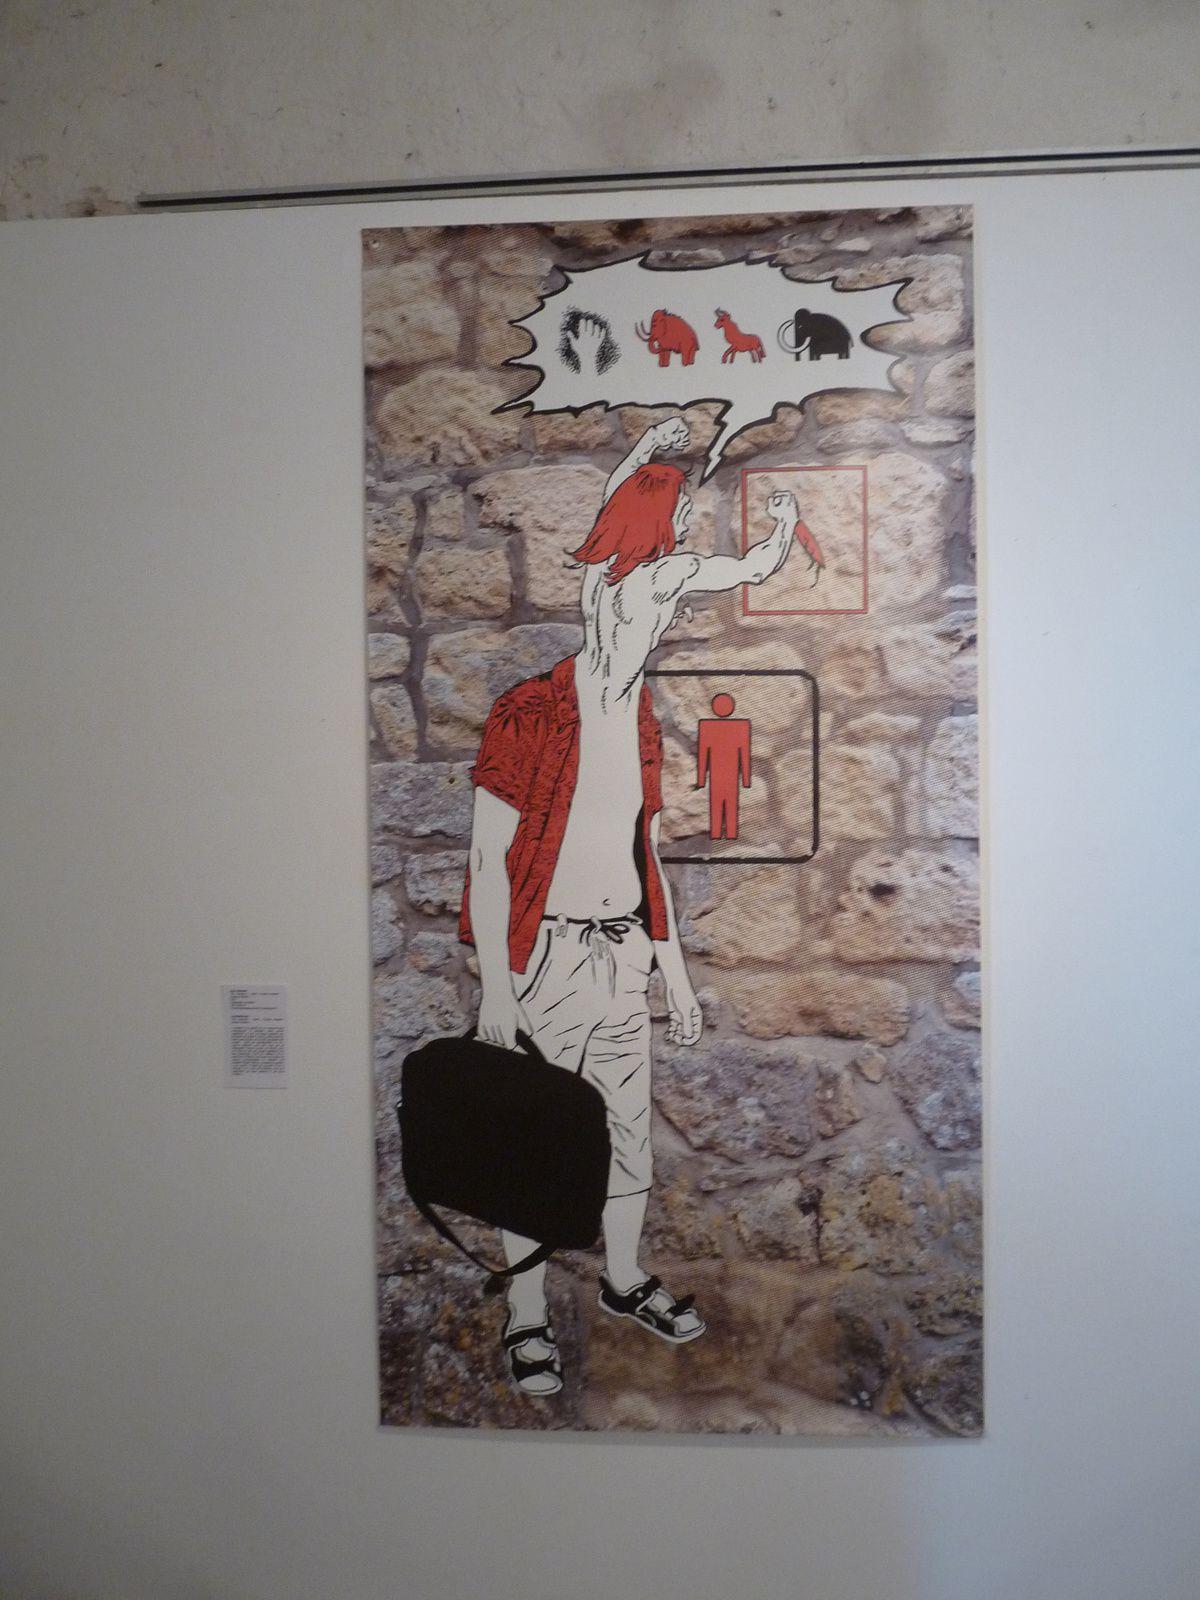 en haut une  oeuvre de Bob COUGAR côtoie une réalisation de ELTONO (photos DLLT)